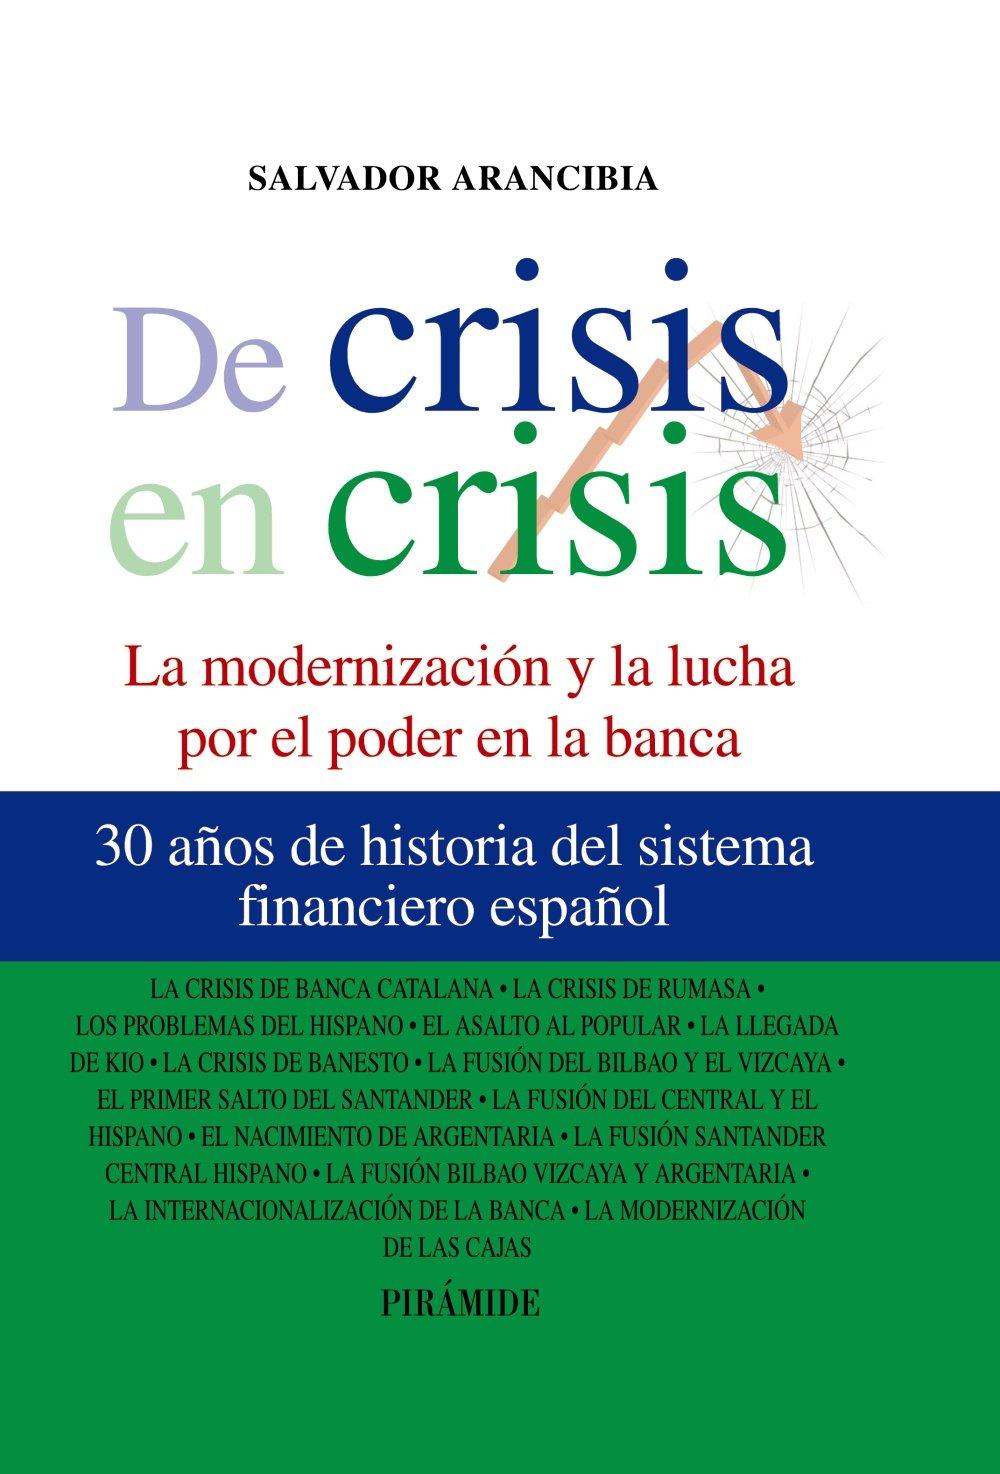 De crisis en crisis: La modernización y la lucha por el poder en la banca Empresa Y Gestión: Amazon.es: Salvador Arancibia: Libros